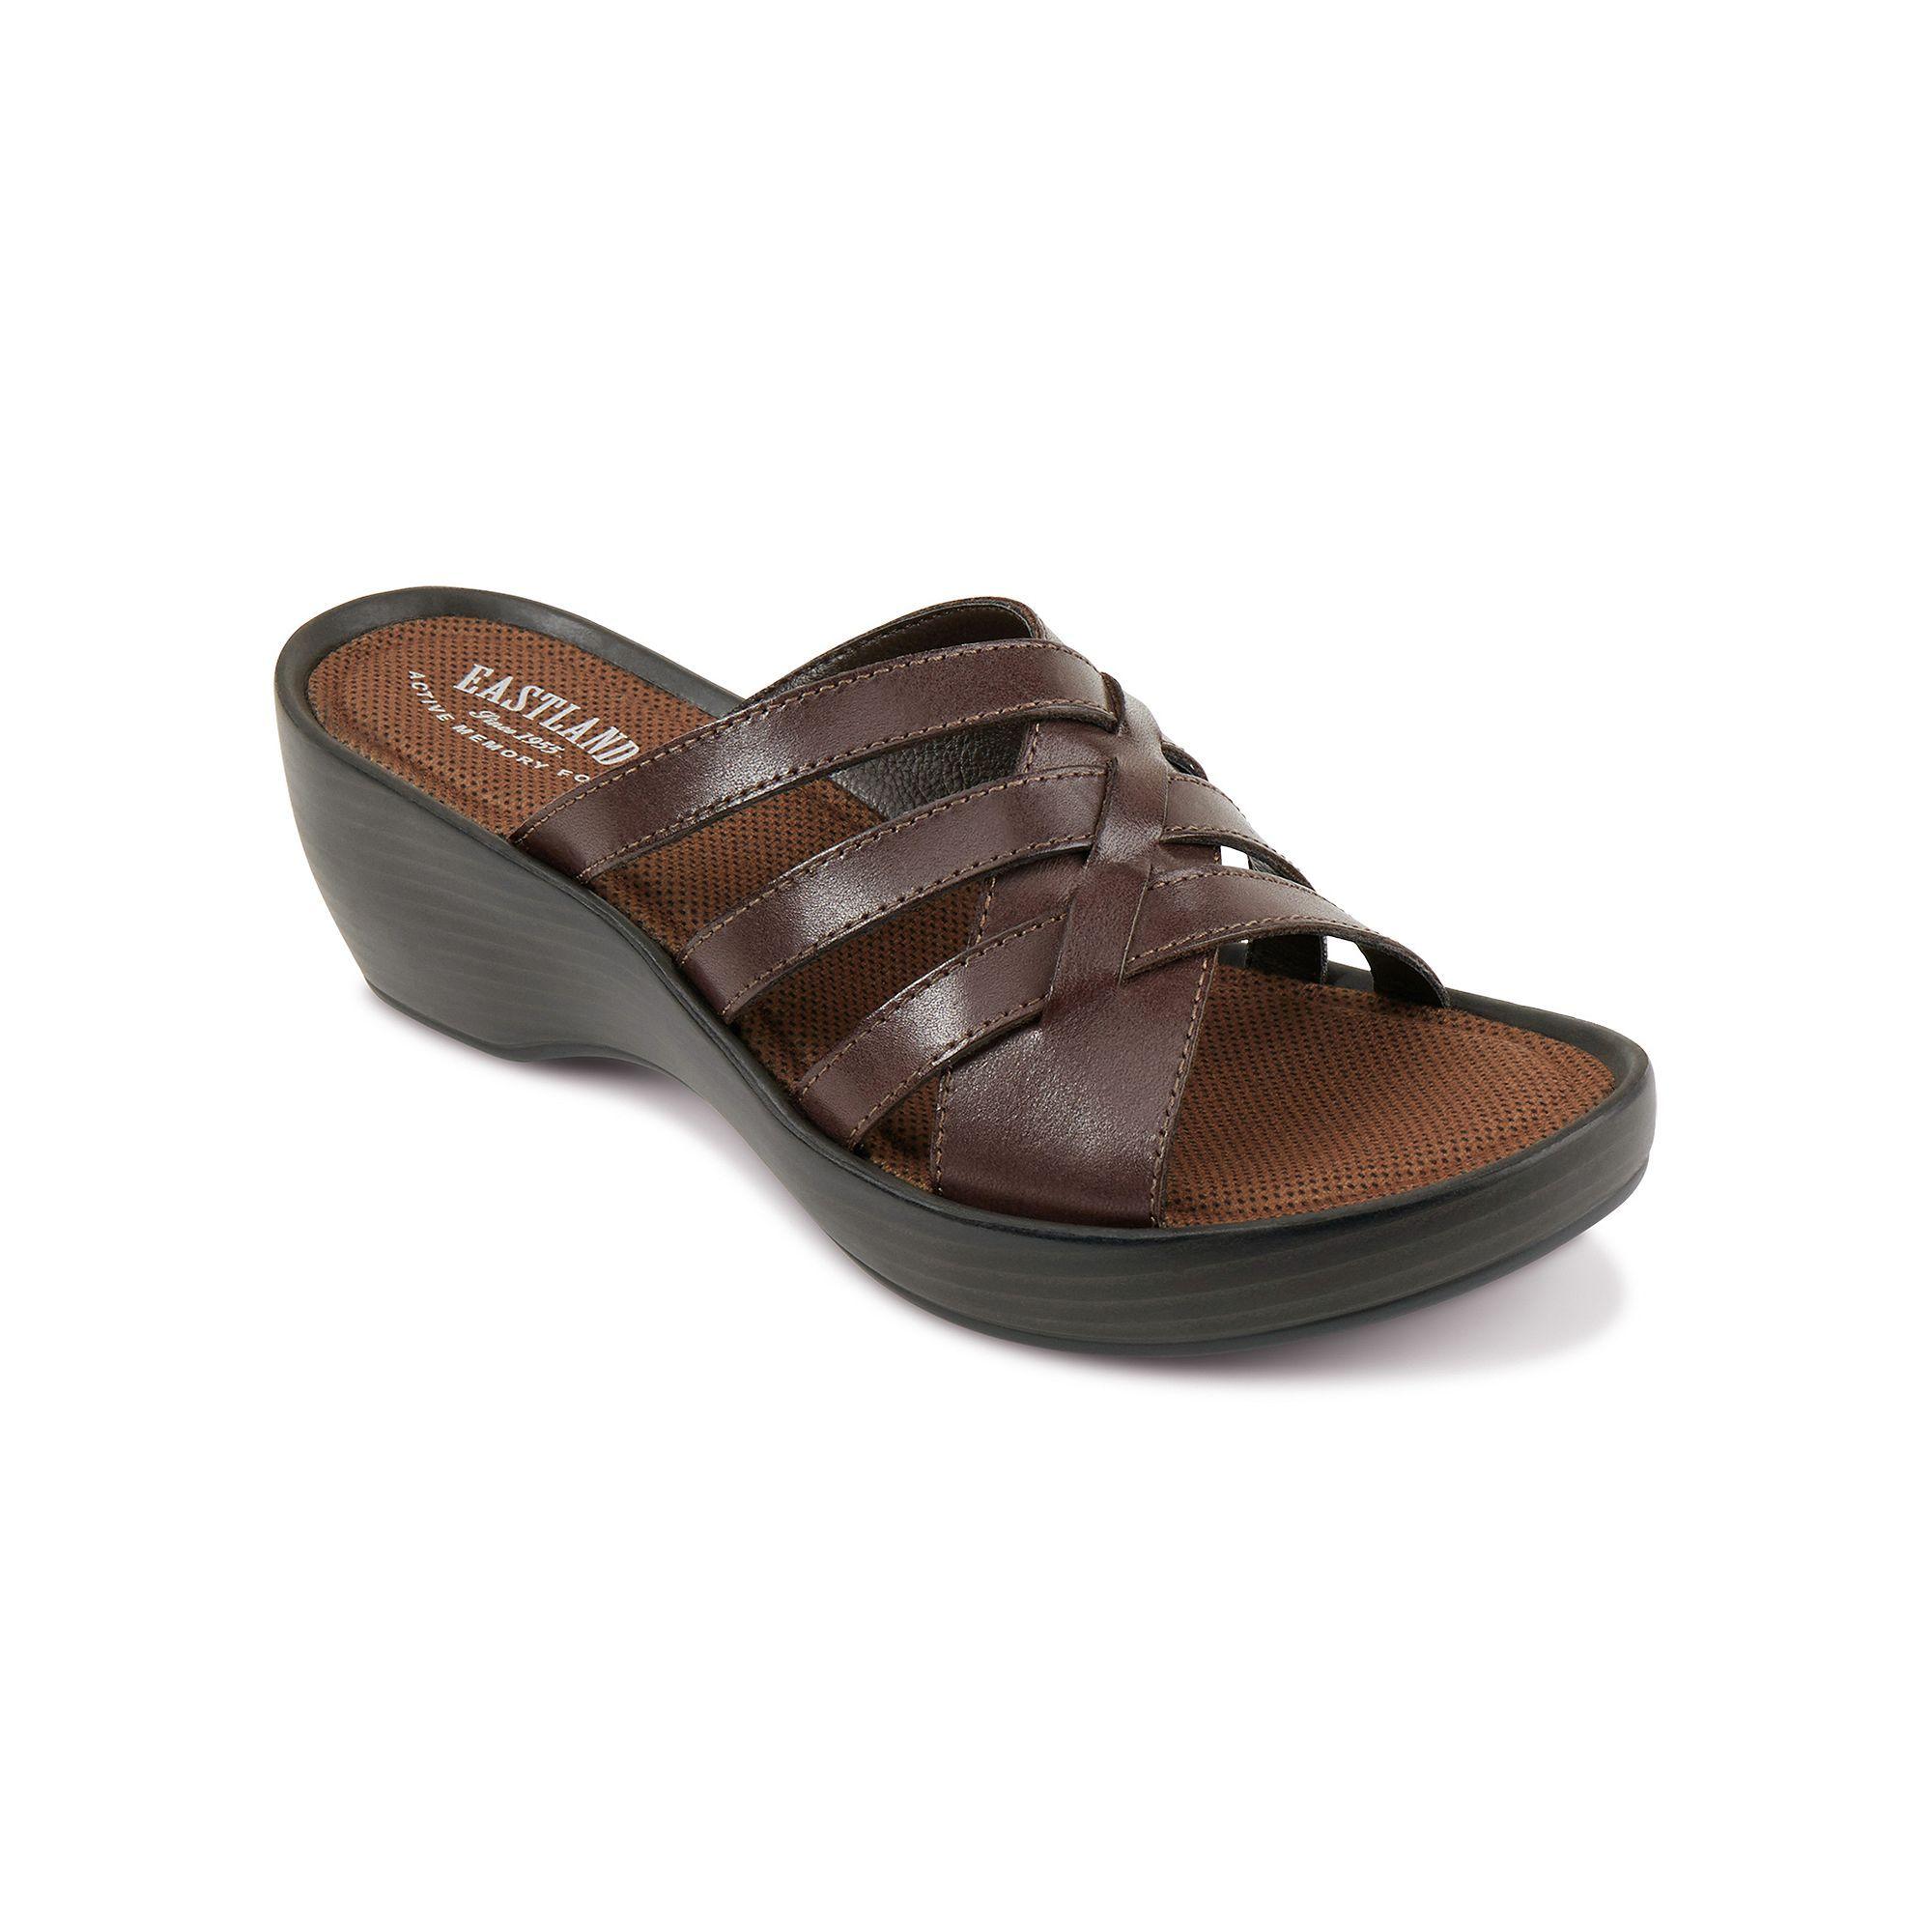 8f7bc4f8c870 Eastland Laurel Womens Sandals